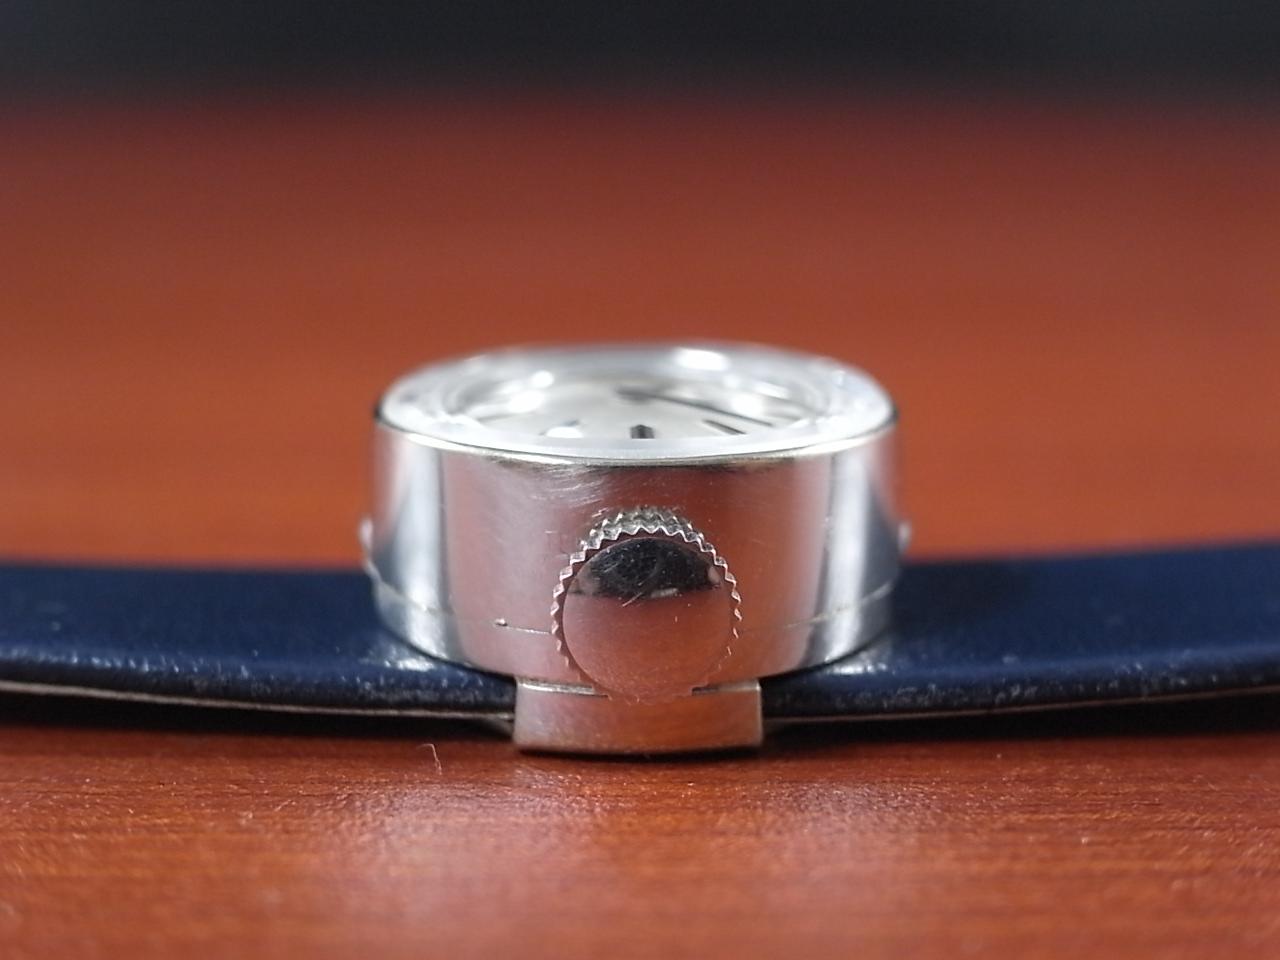 ロレックス レディス カメレオン 金無垢 14KWG カットガラス オリジナルベルト・BOX付の写真3枚目